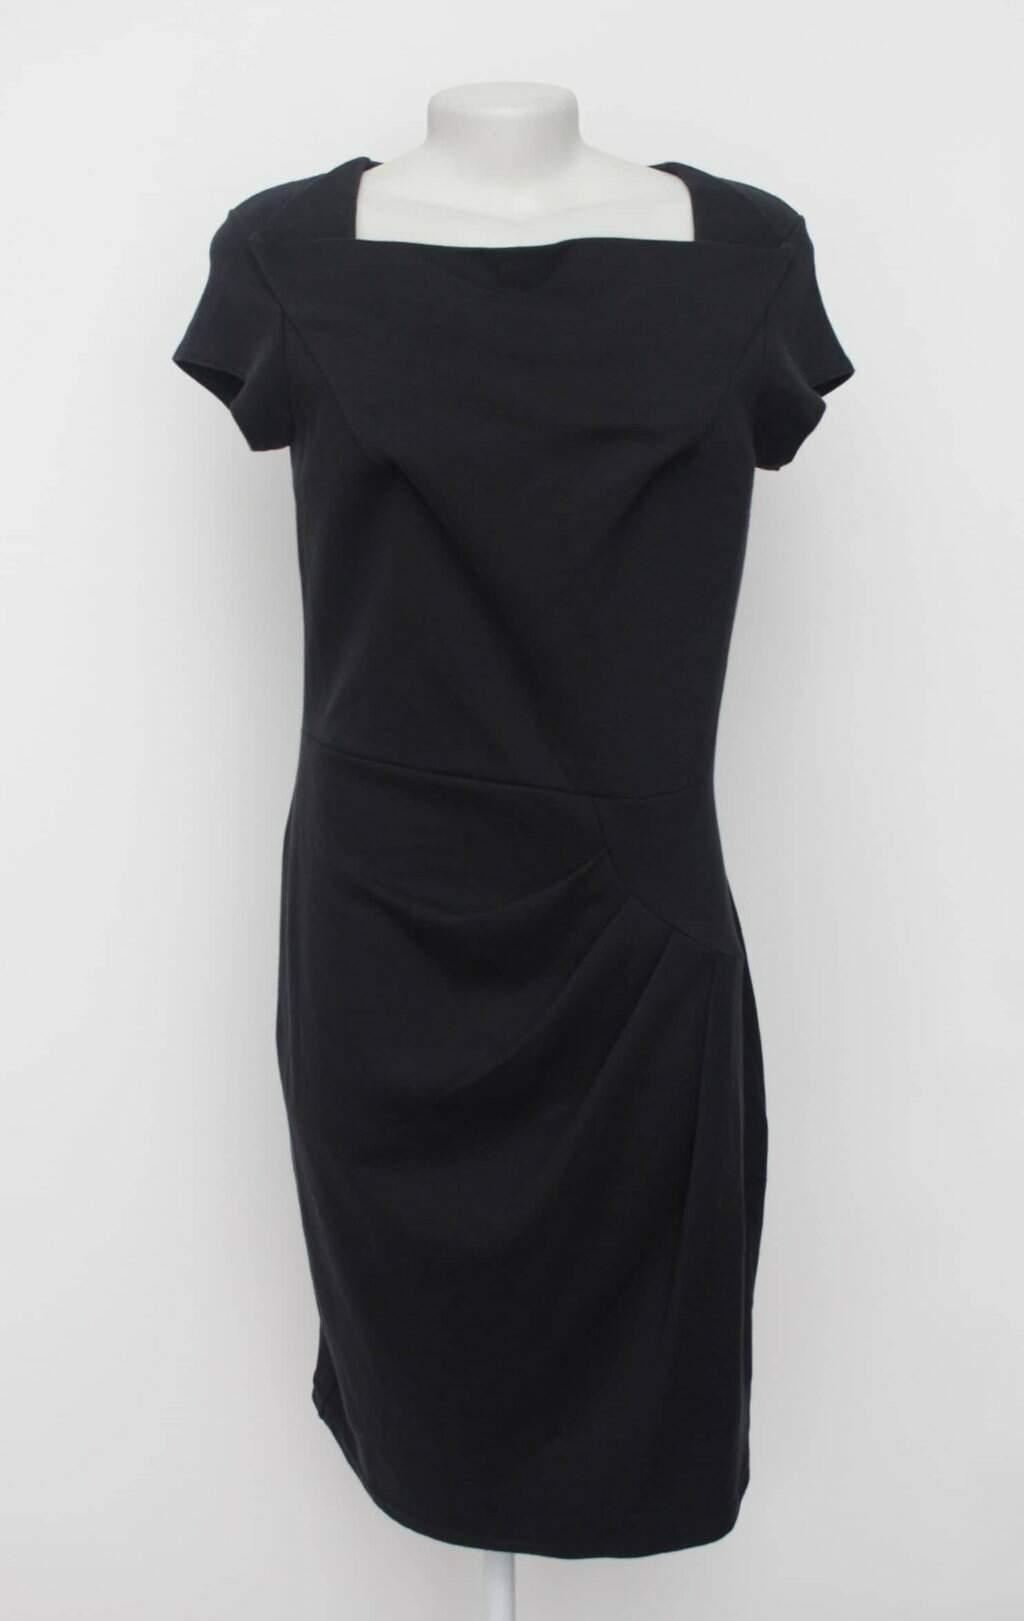 Vestido preto com drapeado bonprix